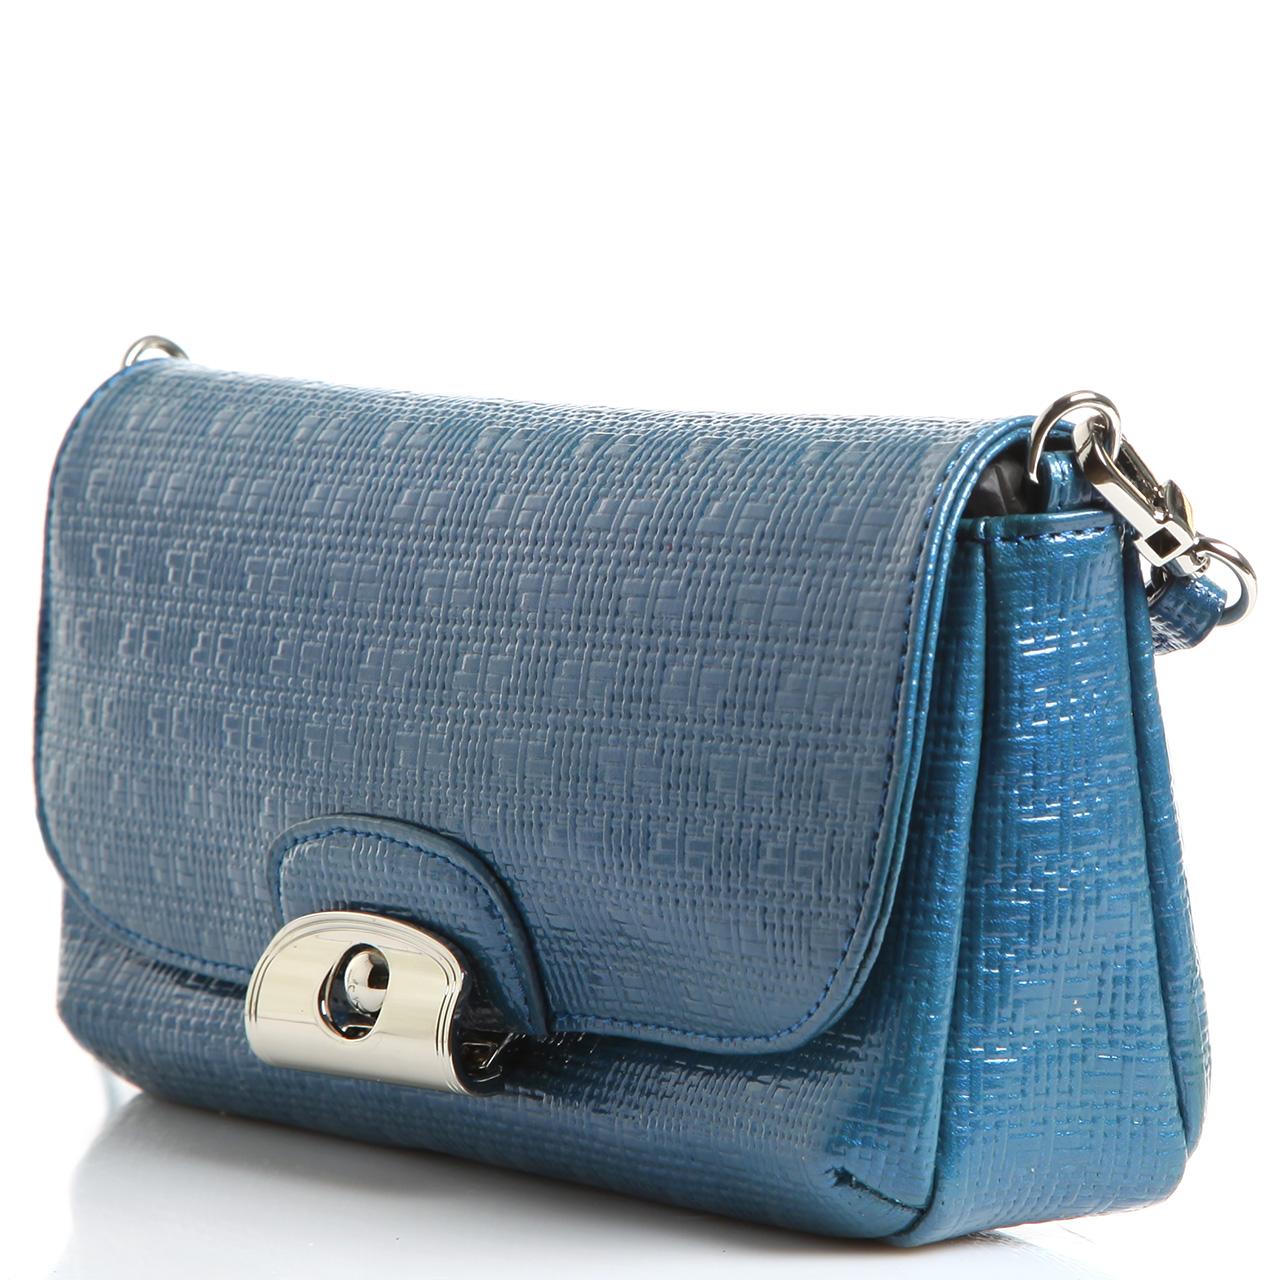 fd2cbacb50cf Маленькие сумки купить в интернет-магазине Домани (Domani)